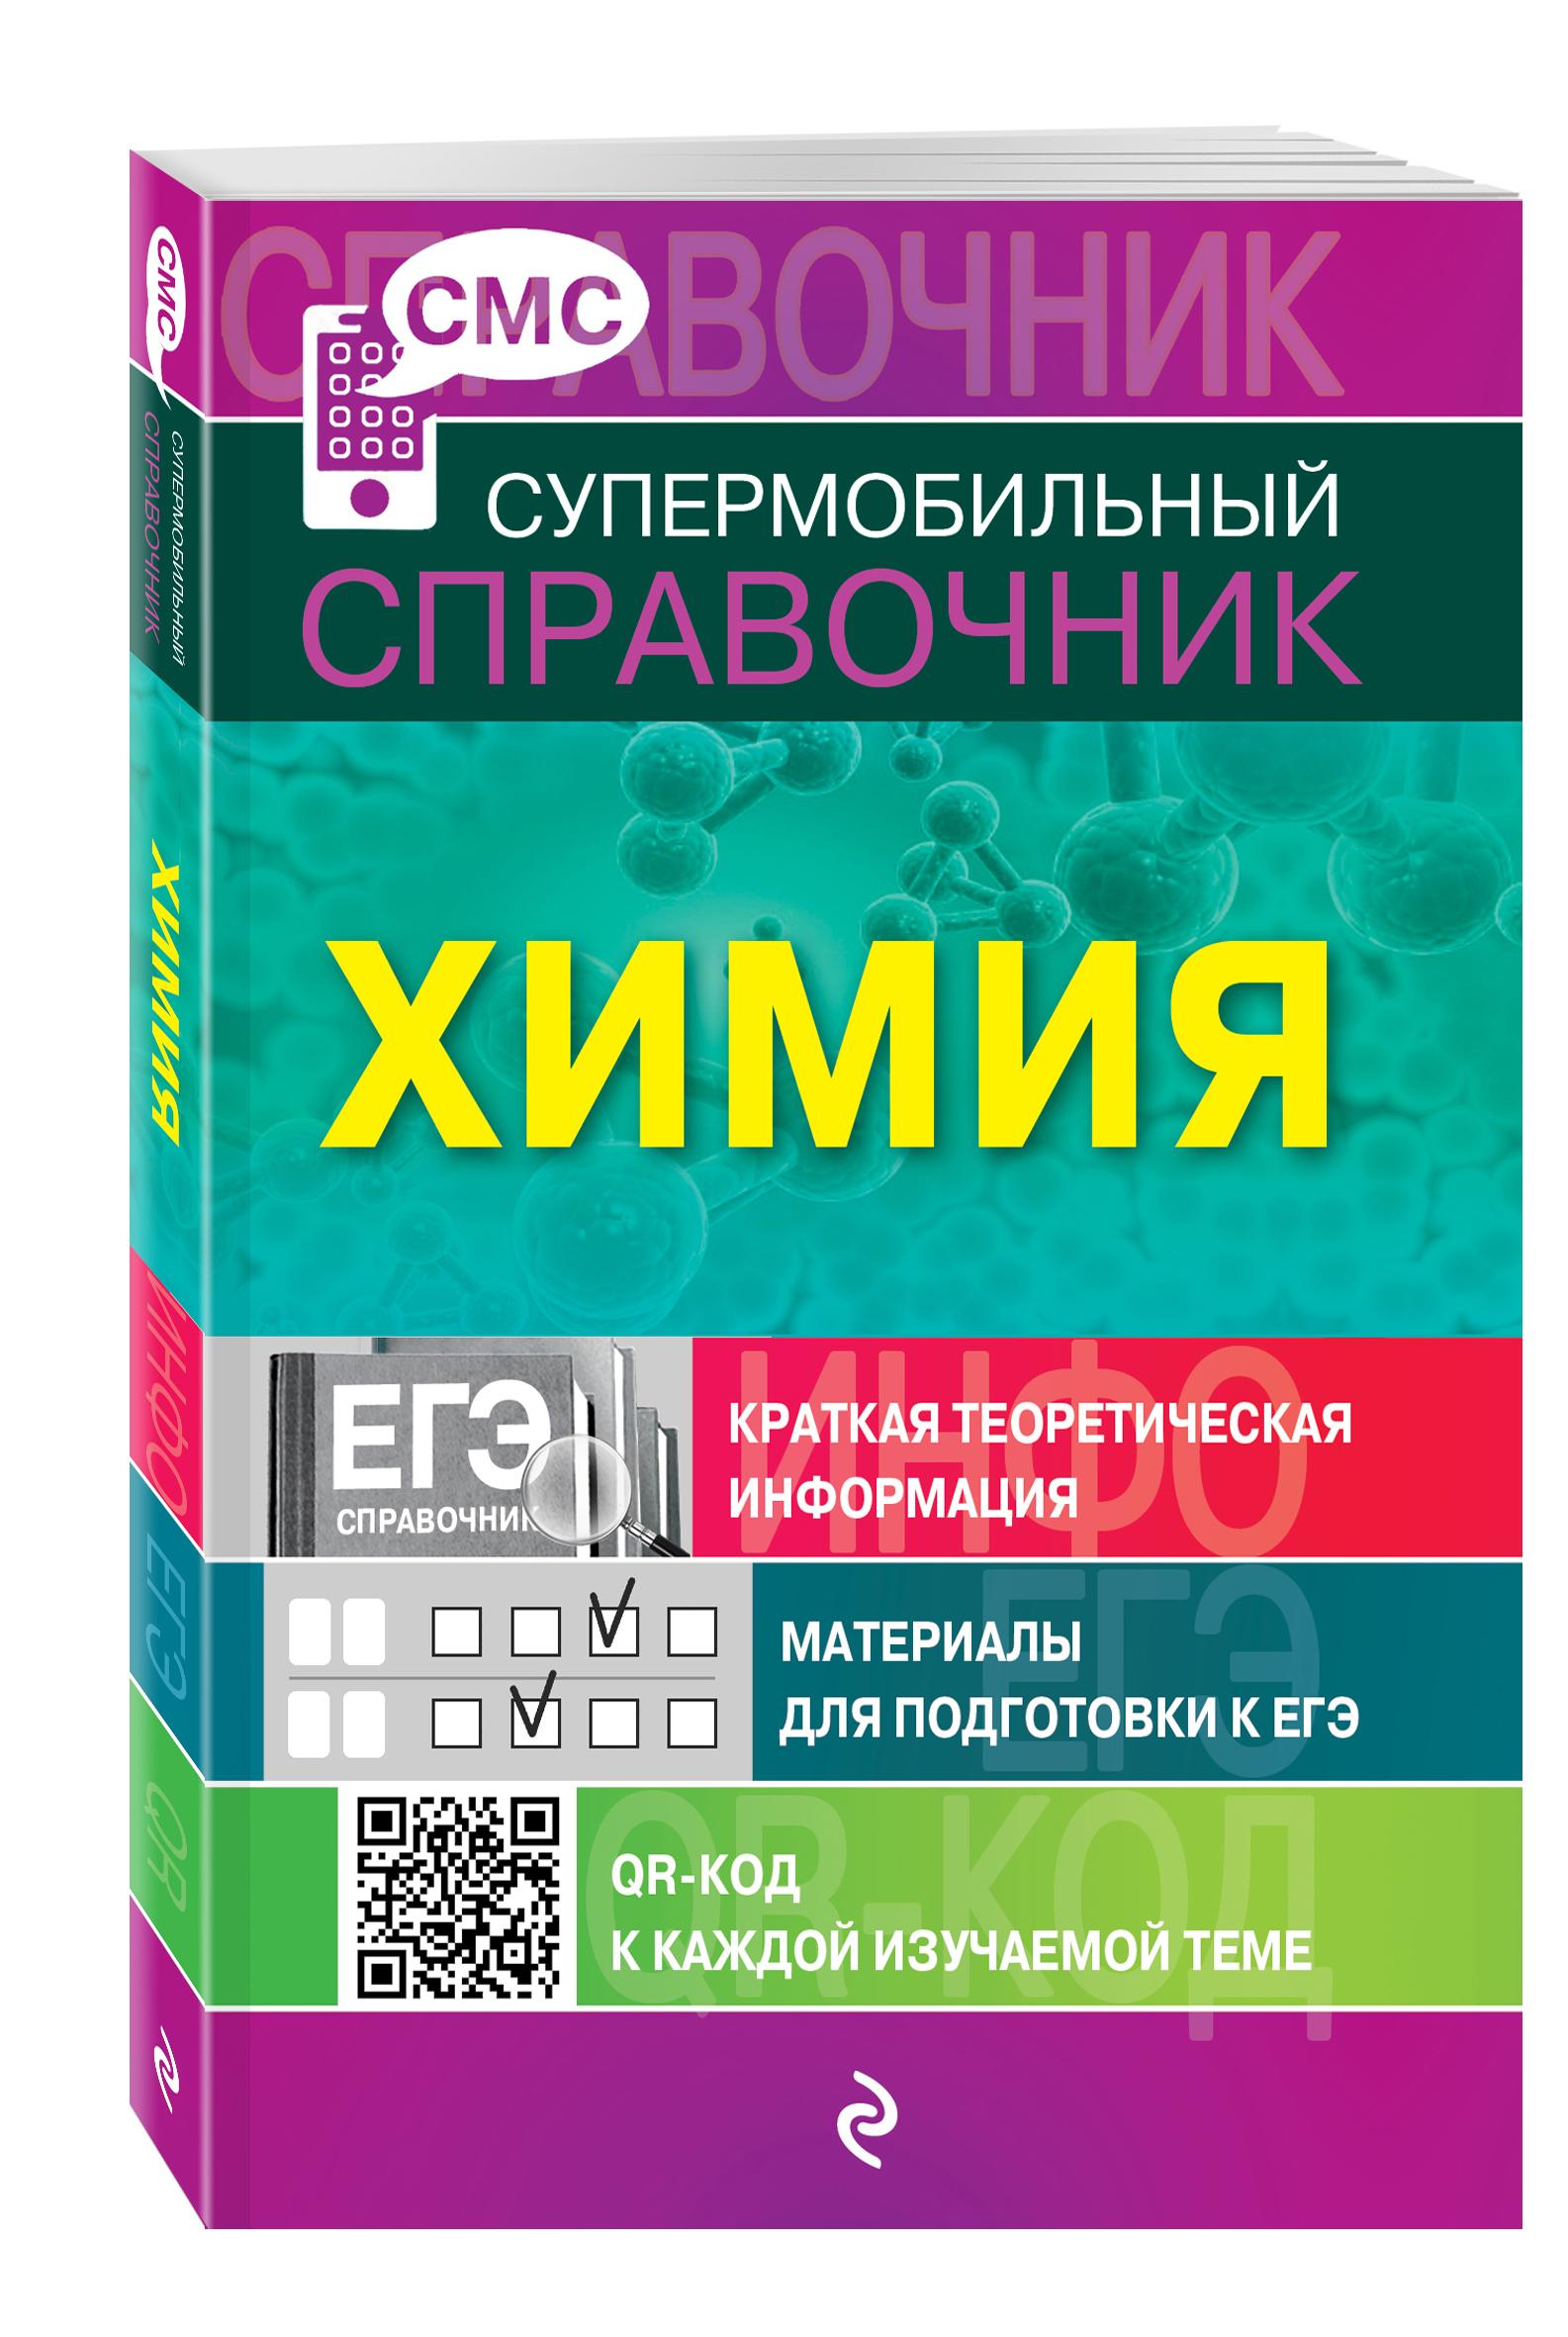 Н.Э. Варавва Химия (СМС)